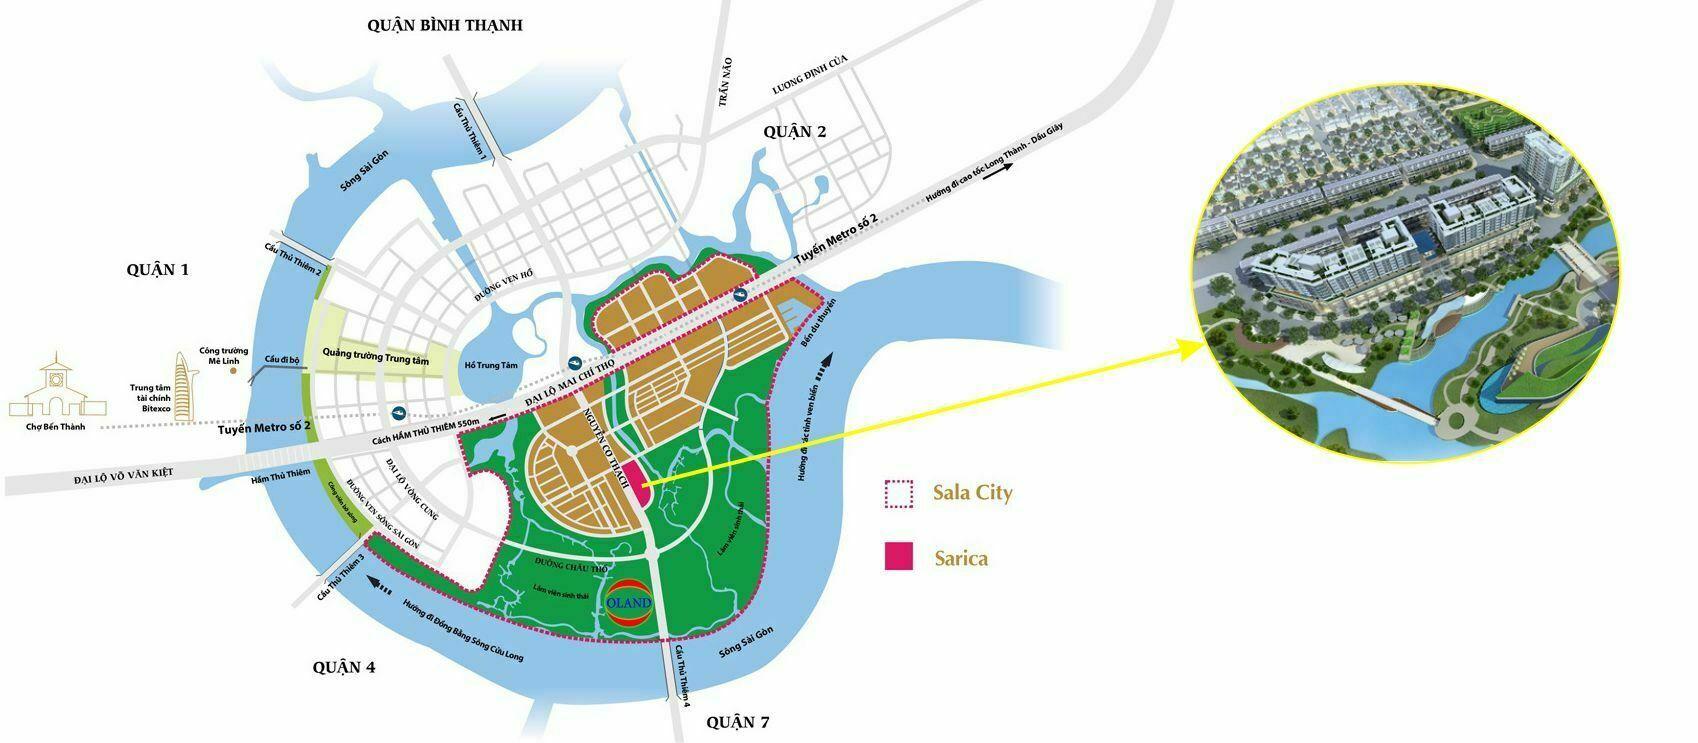 Vị trí Sarica Sala Đại Quang Minh - Quận 2